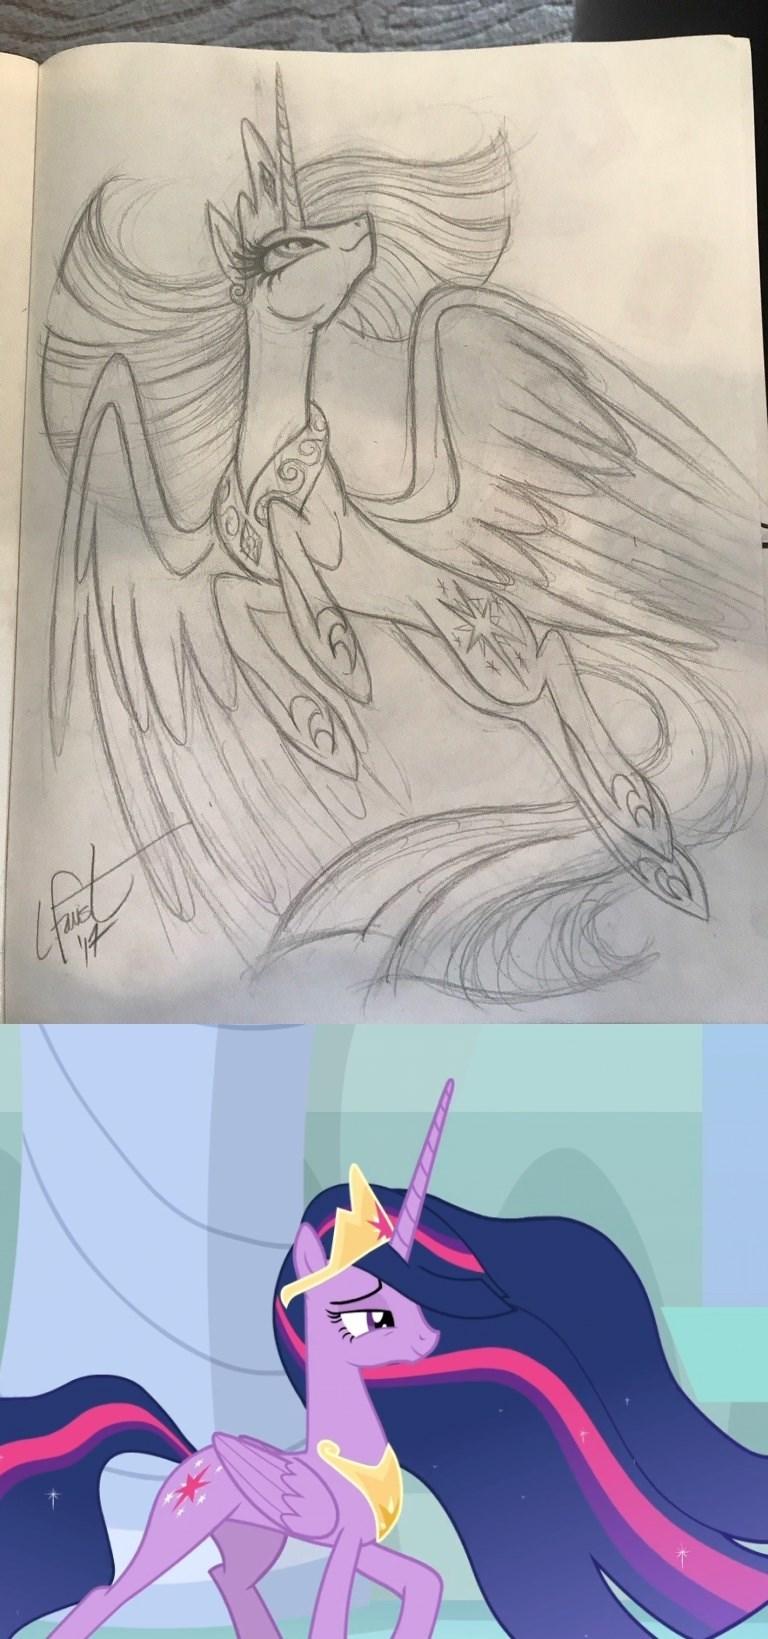 lauren faust twilight sparkle the last problem - 9375423488